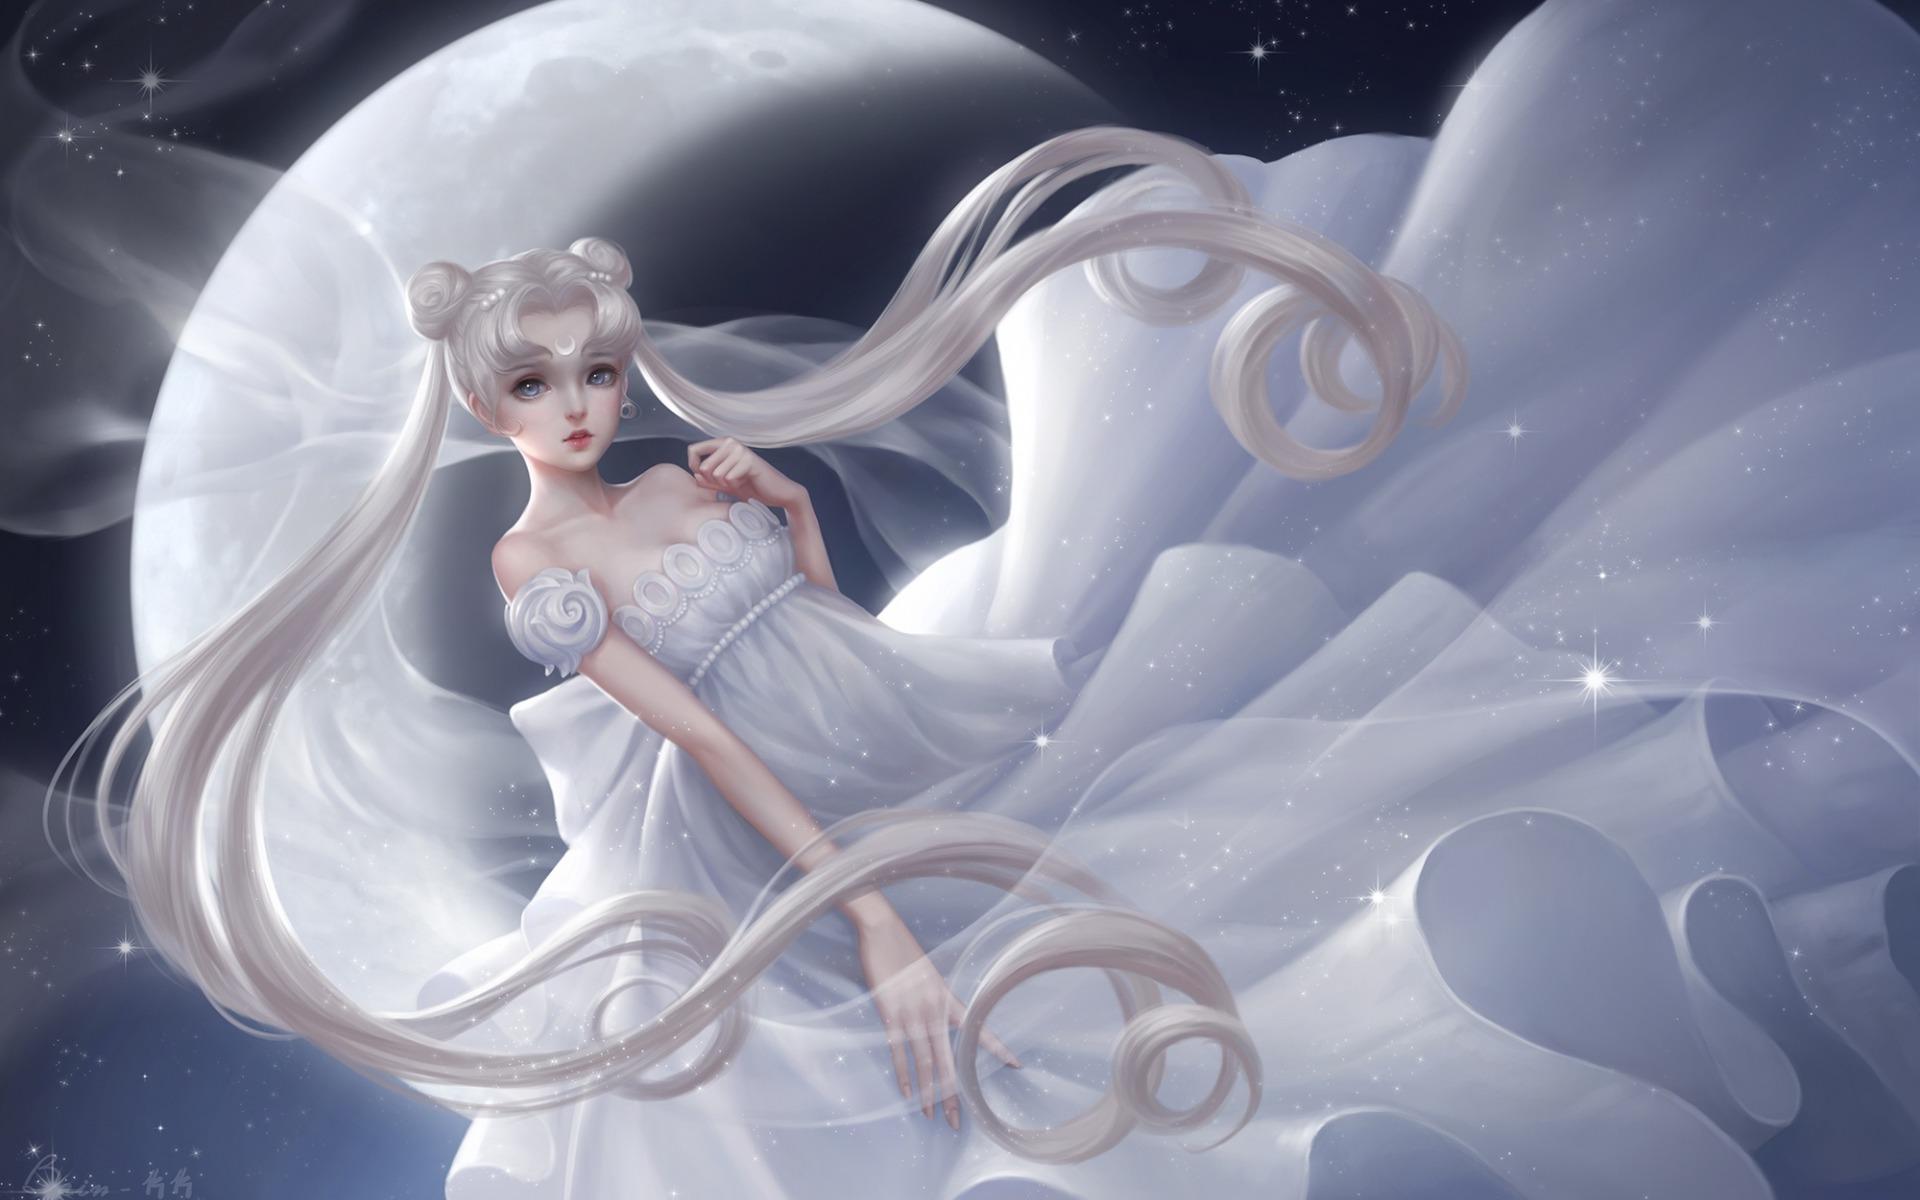 Розовая луна матроска, Сейлор Мун розовая луна без матроски часть. Проза. Ру 1 фотография